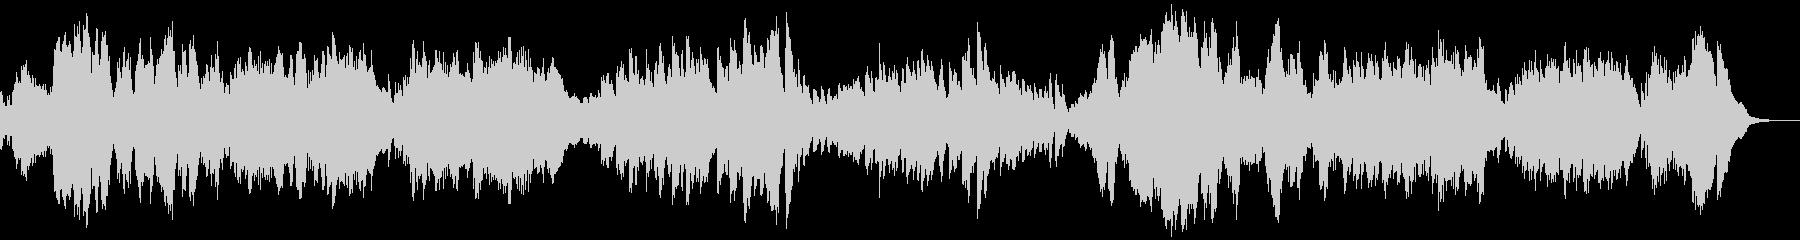 ワルツ第6番変ニ長調 作品64-1 の未再生の波形